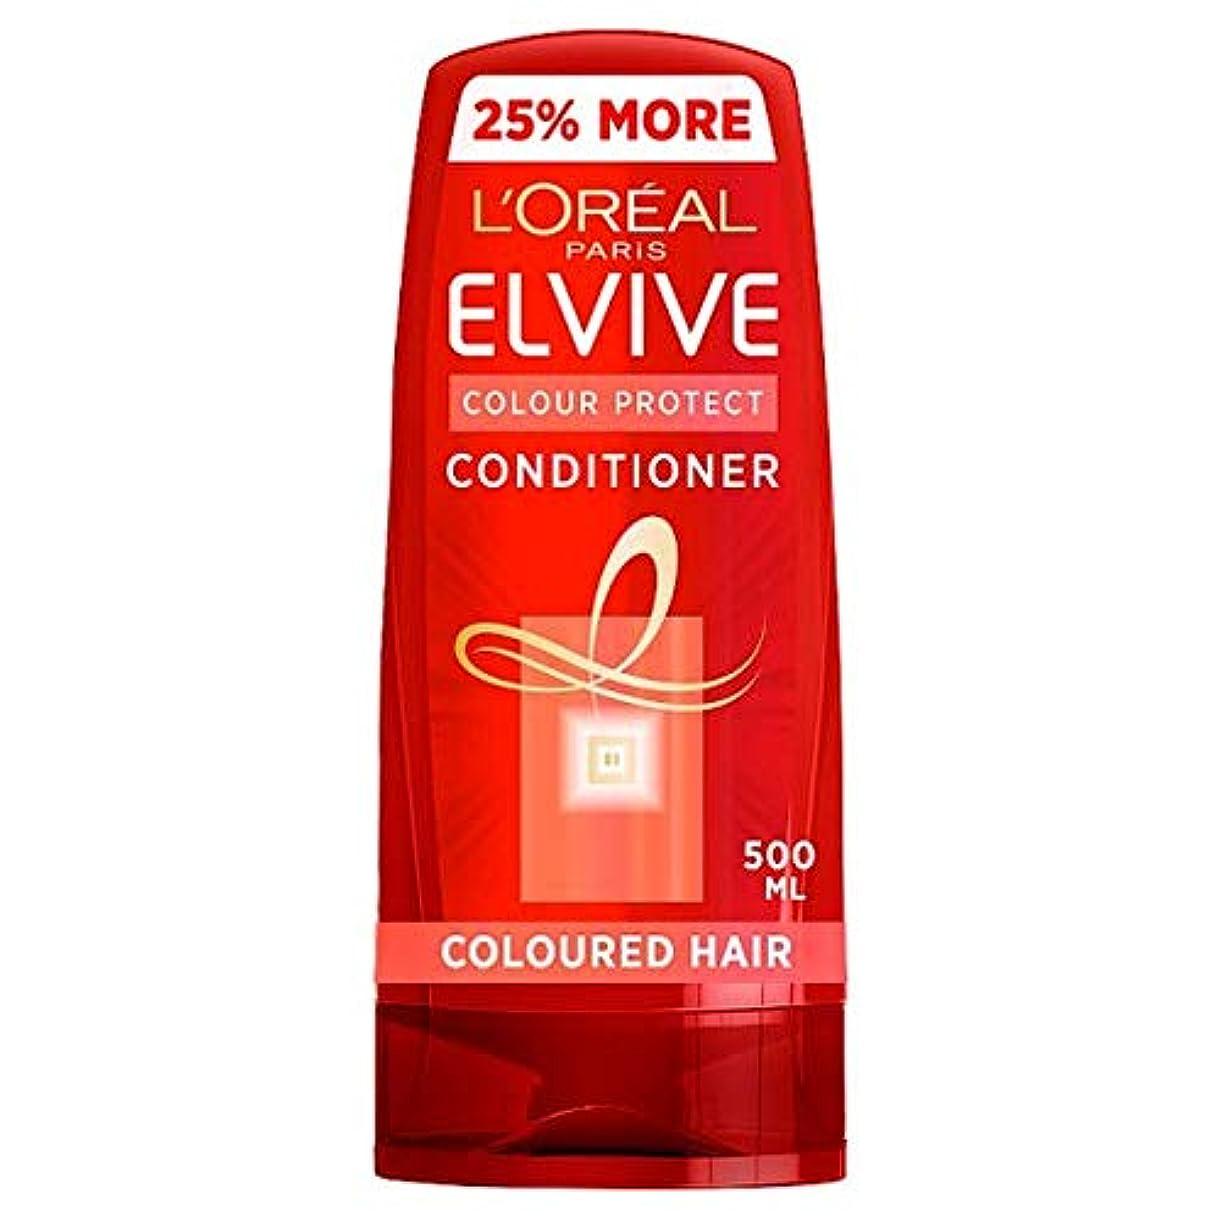 ごちそう洞察力スカープ[Elvive] ロレアルのElviveの色は、着色ヘアコンディショナー500ミリリットルを保護します - L'oreal Elvive Colour Protect Coloured Hair Conditioner...